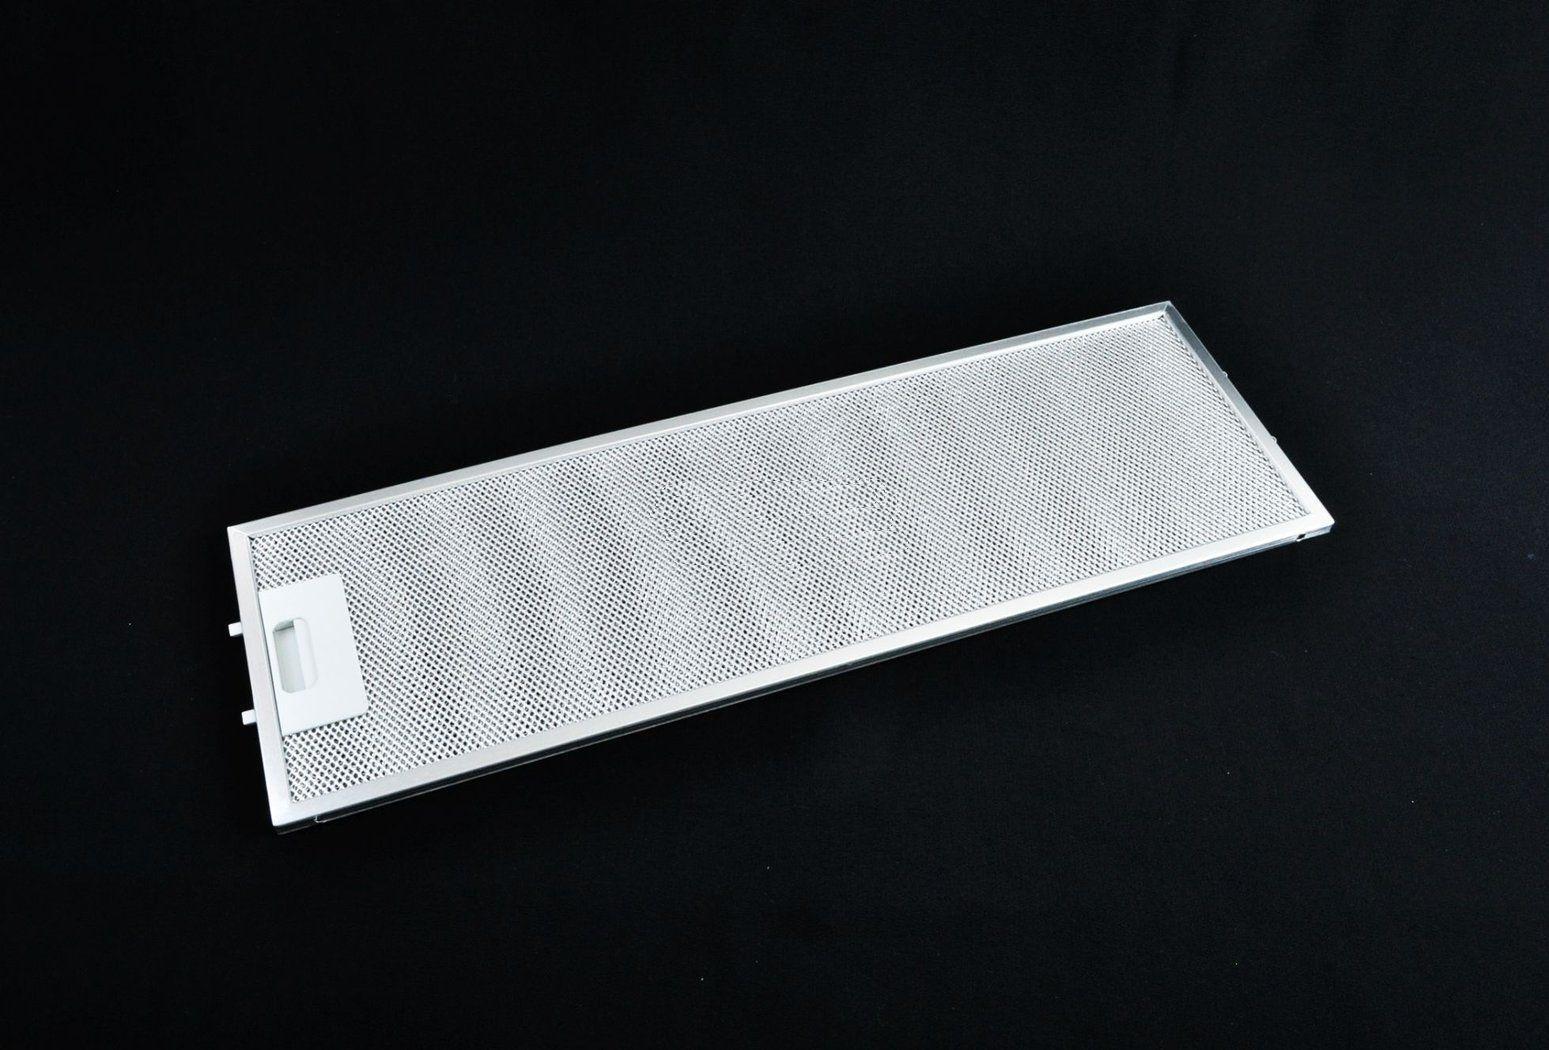 aeg alu filter dunstfilter fettfilter f r dunstabzugshaube b ware. Black Bedroom Furniture Sets. Home Design Ideas